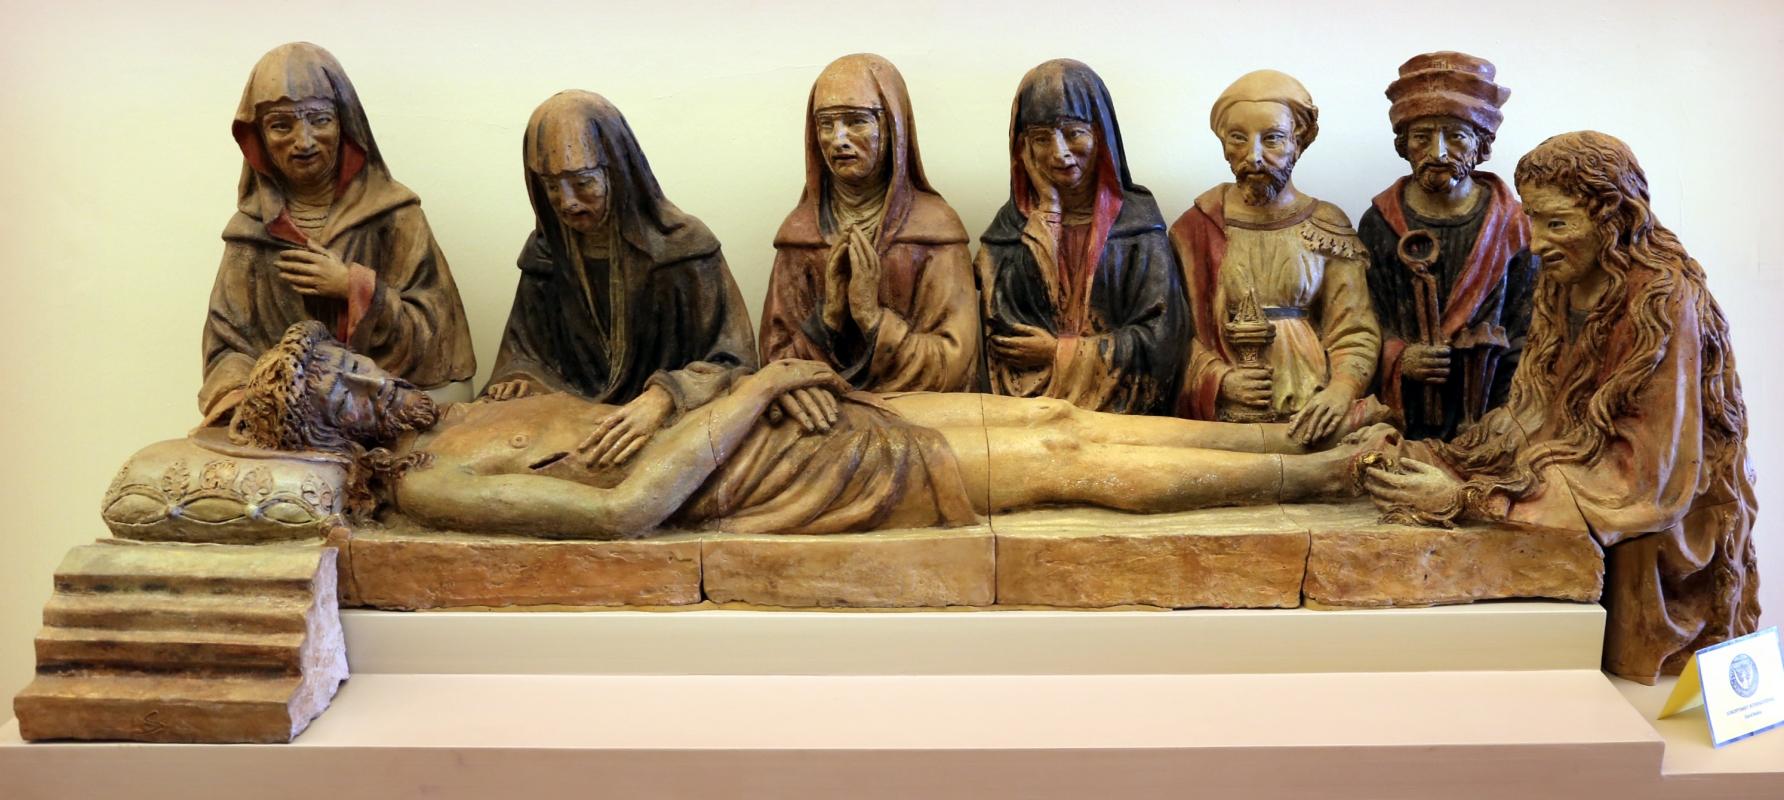 Michele da firenze, compianto sul cristo morto, 1443-48, 01 - Sailko - Modena (MO)